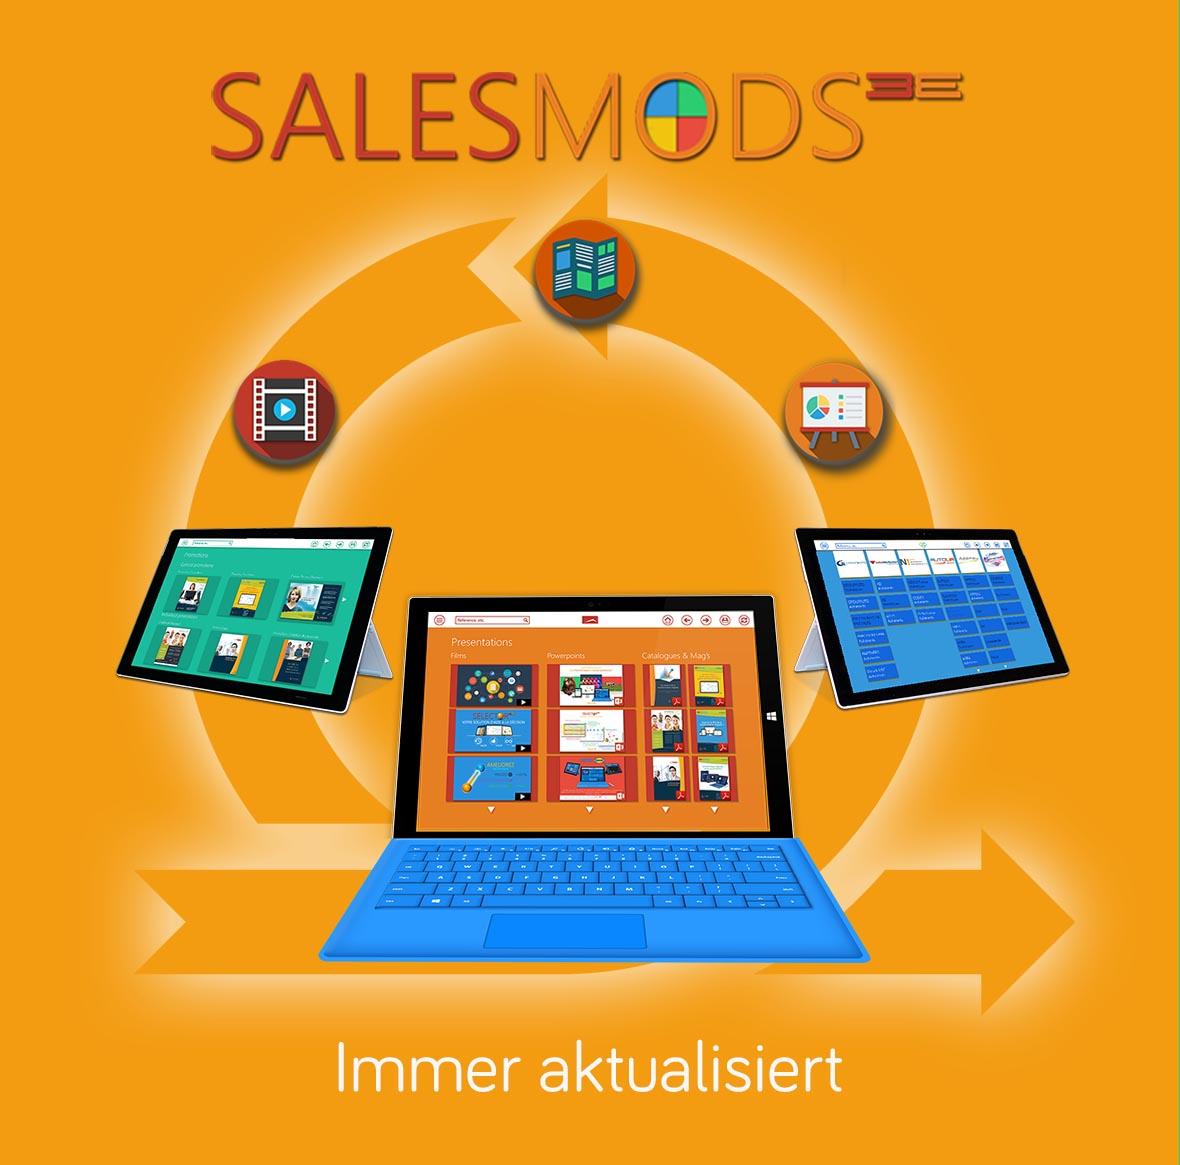 Mehr Informationen über das Digital Asset Management - Modul von SalesMods 3E:  Effiziente Prâsentationen Ihrer Filme, Katalogue, Präsentationen, Werbeaktionen, etc